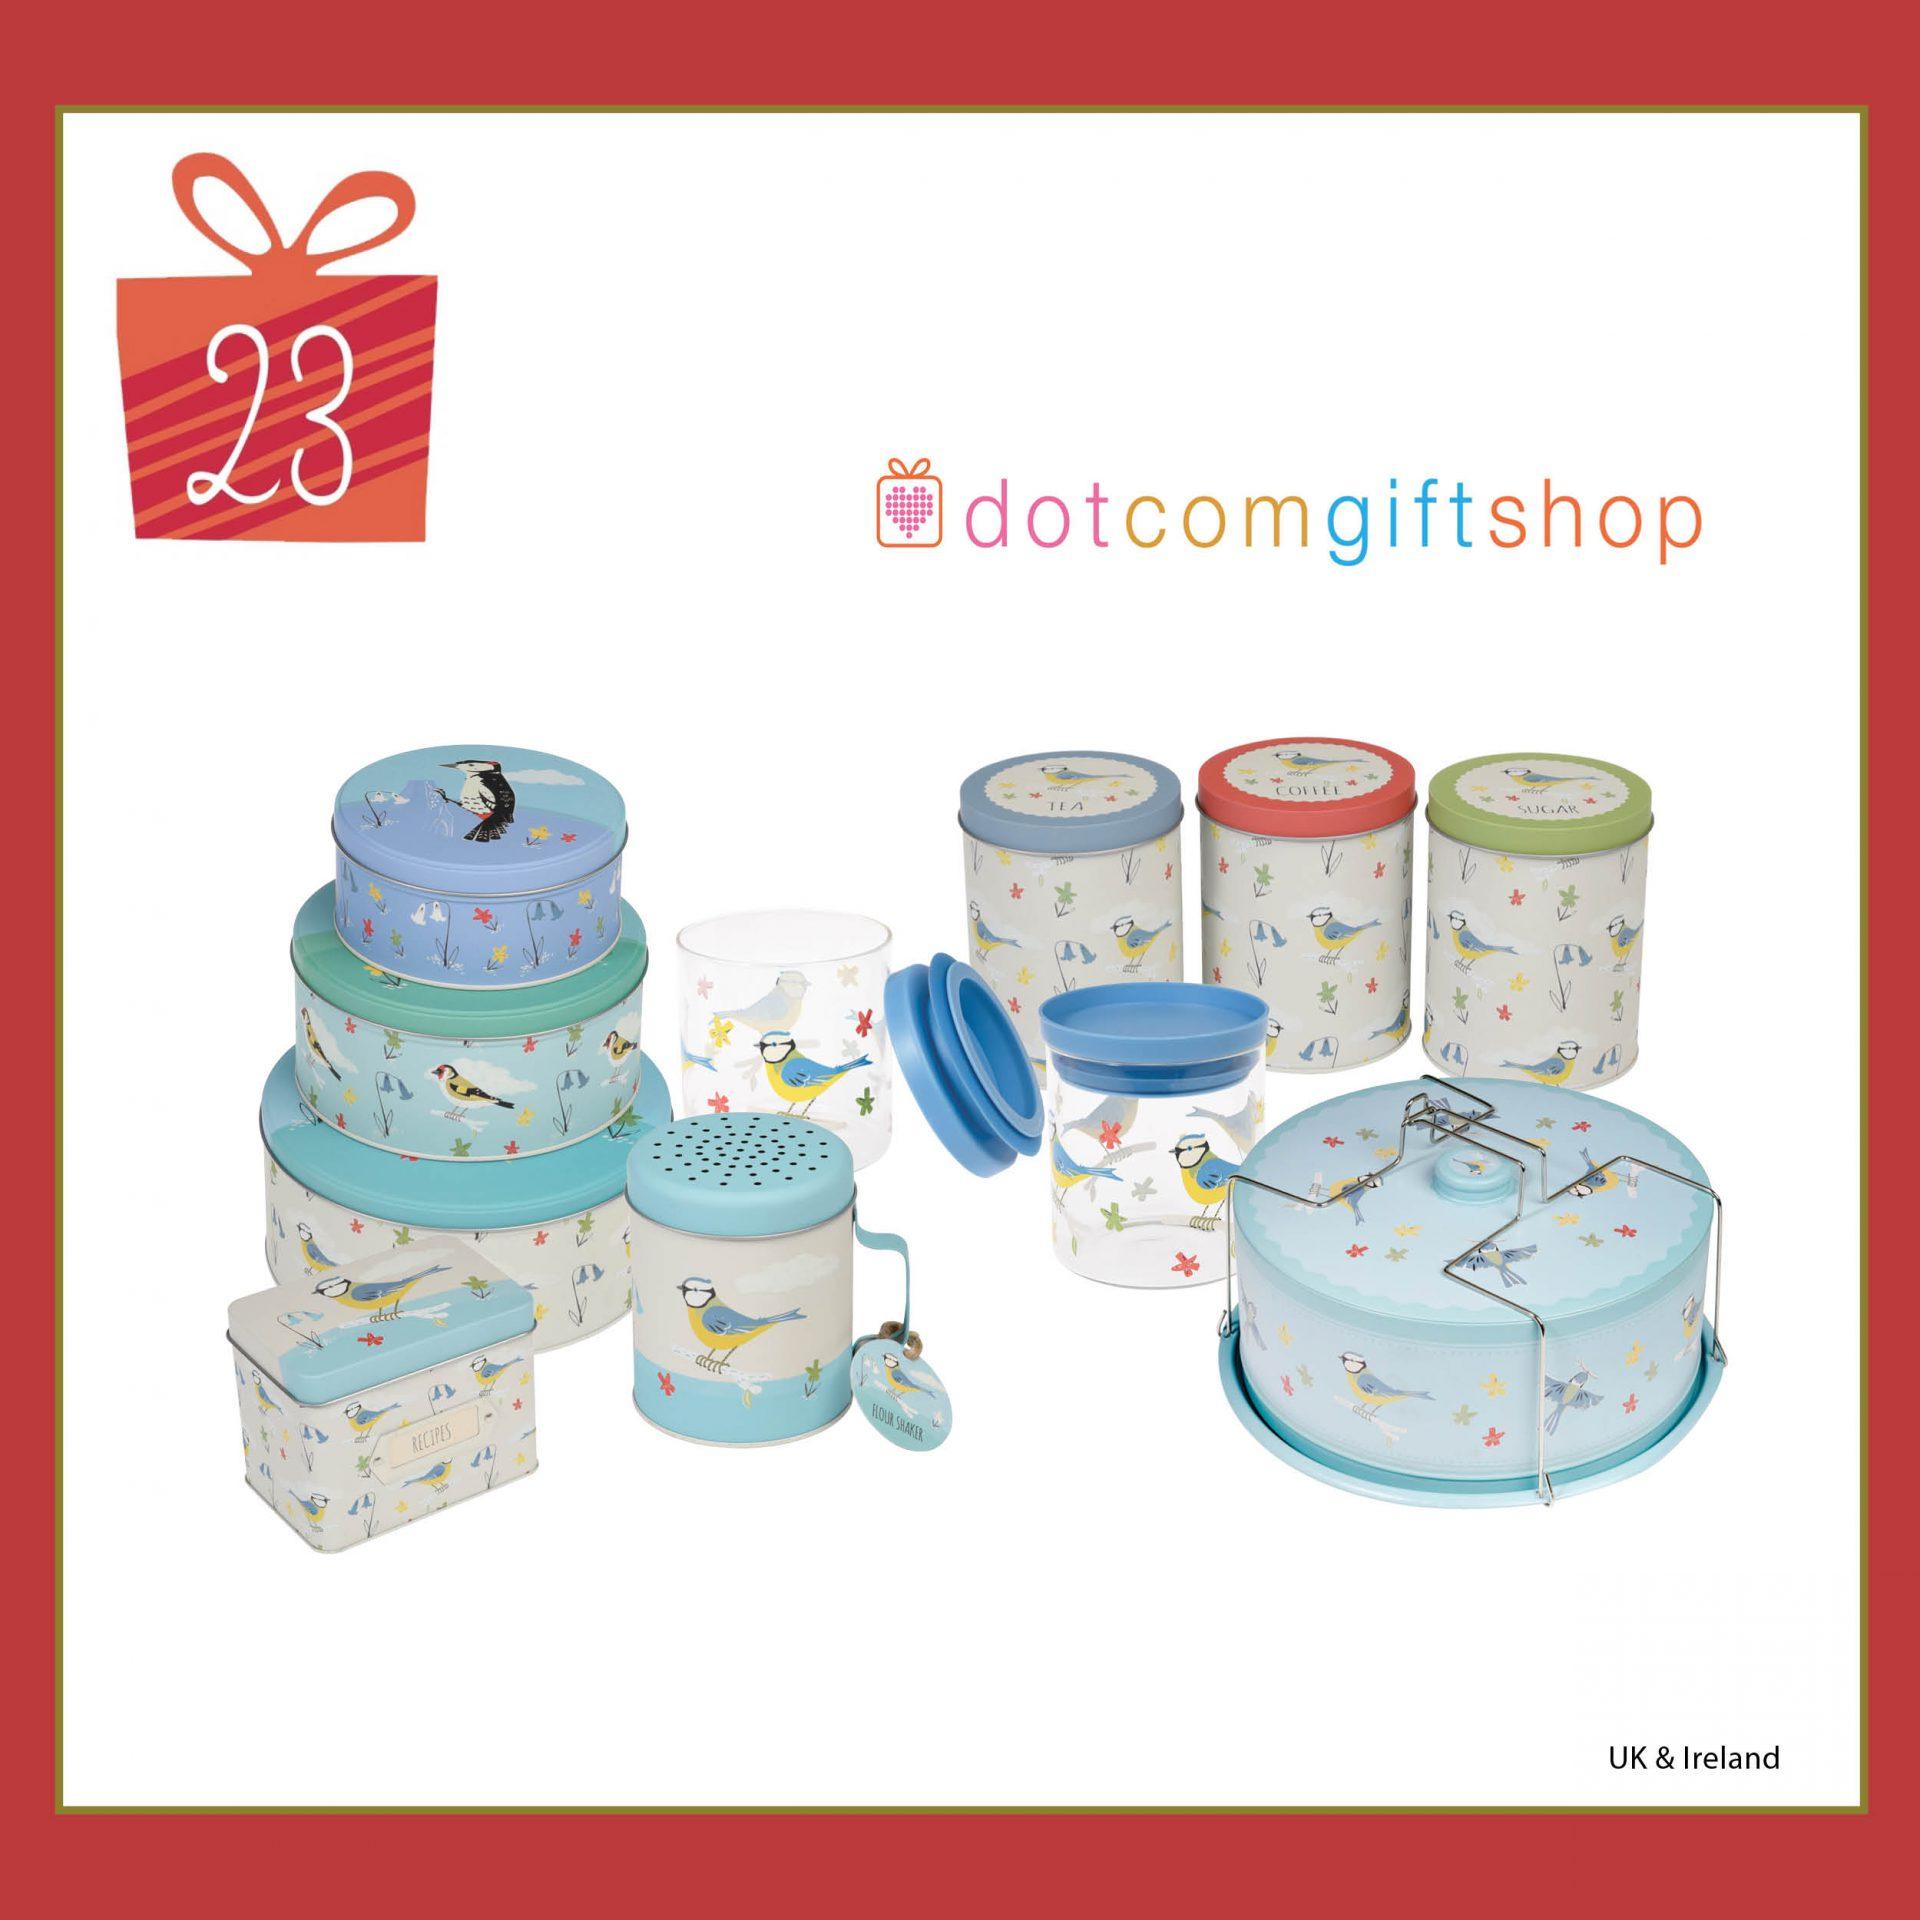 23rd-december-dot-com-gift-shop